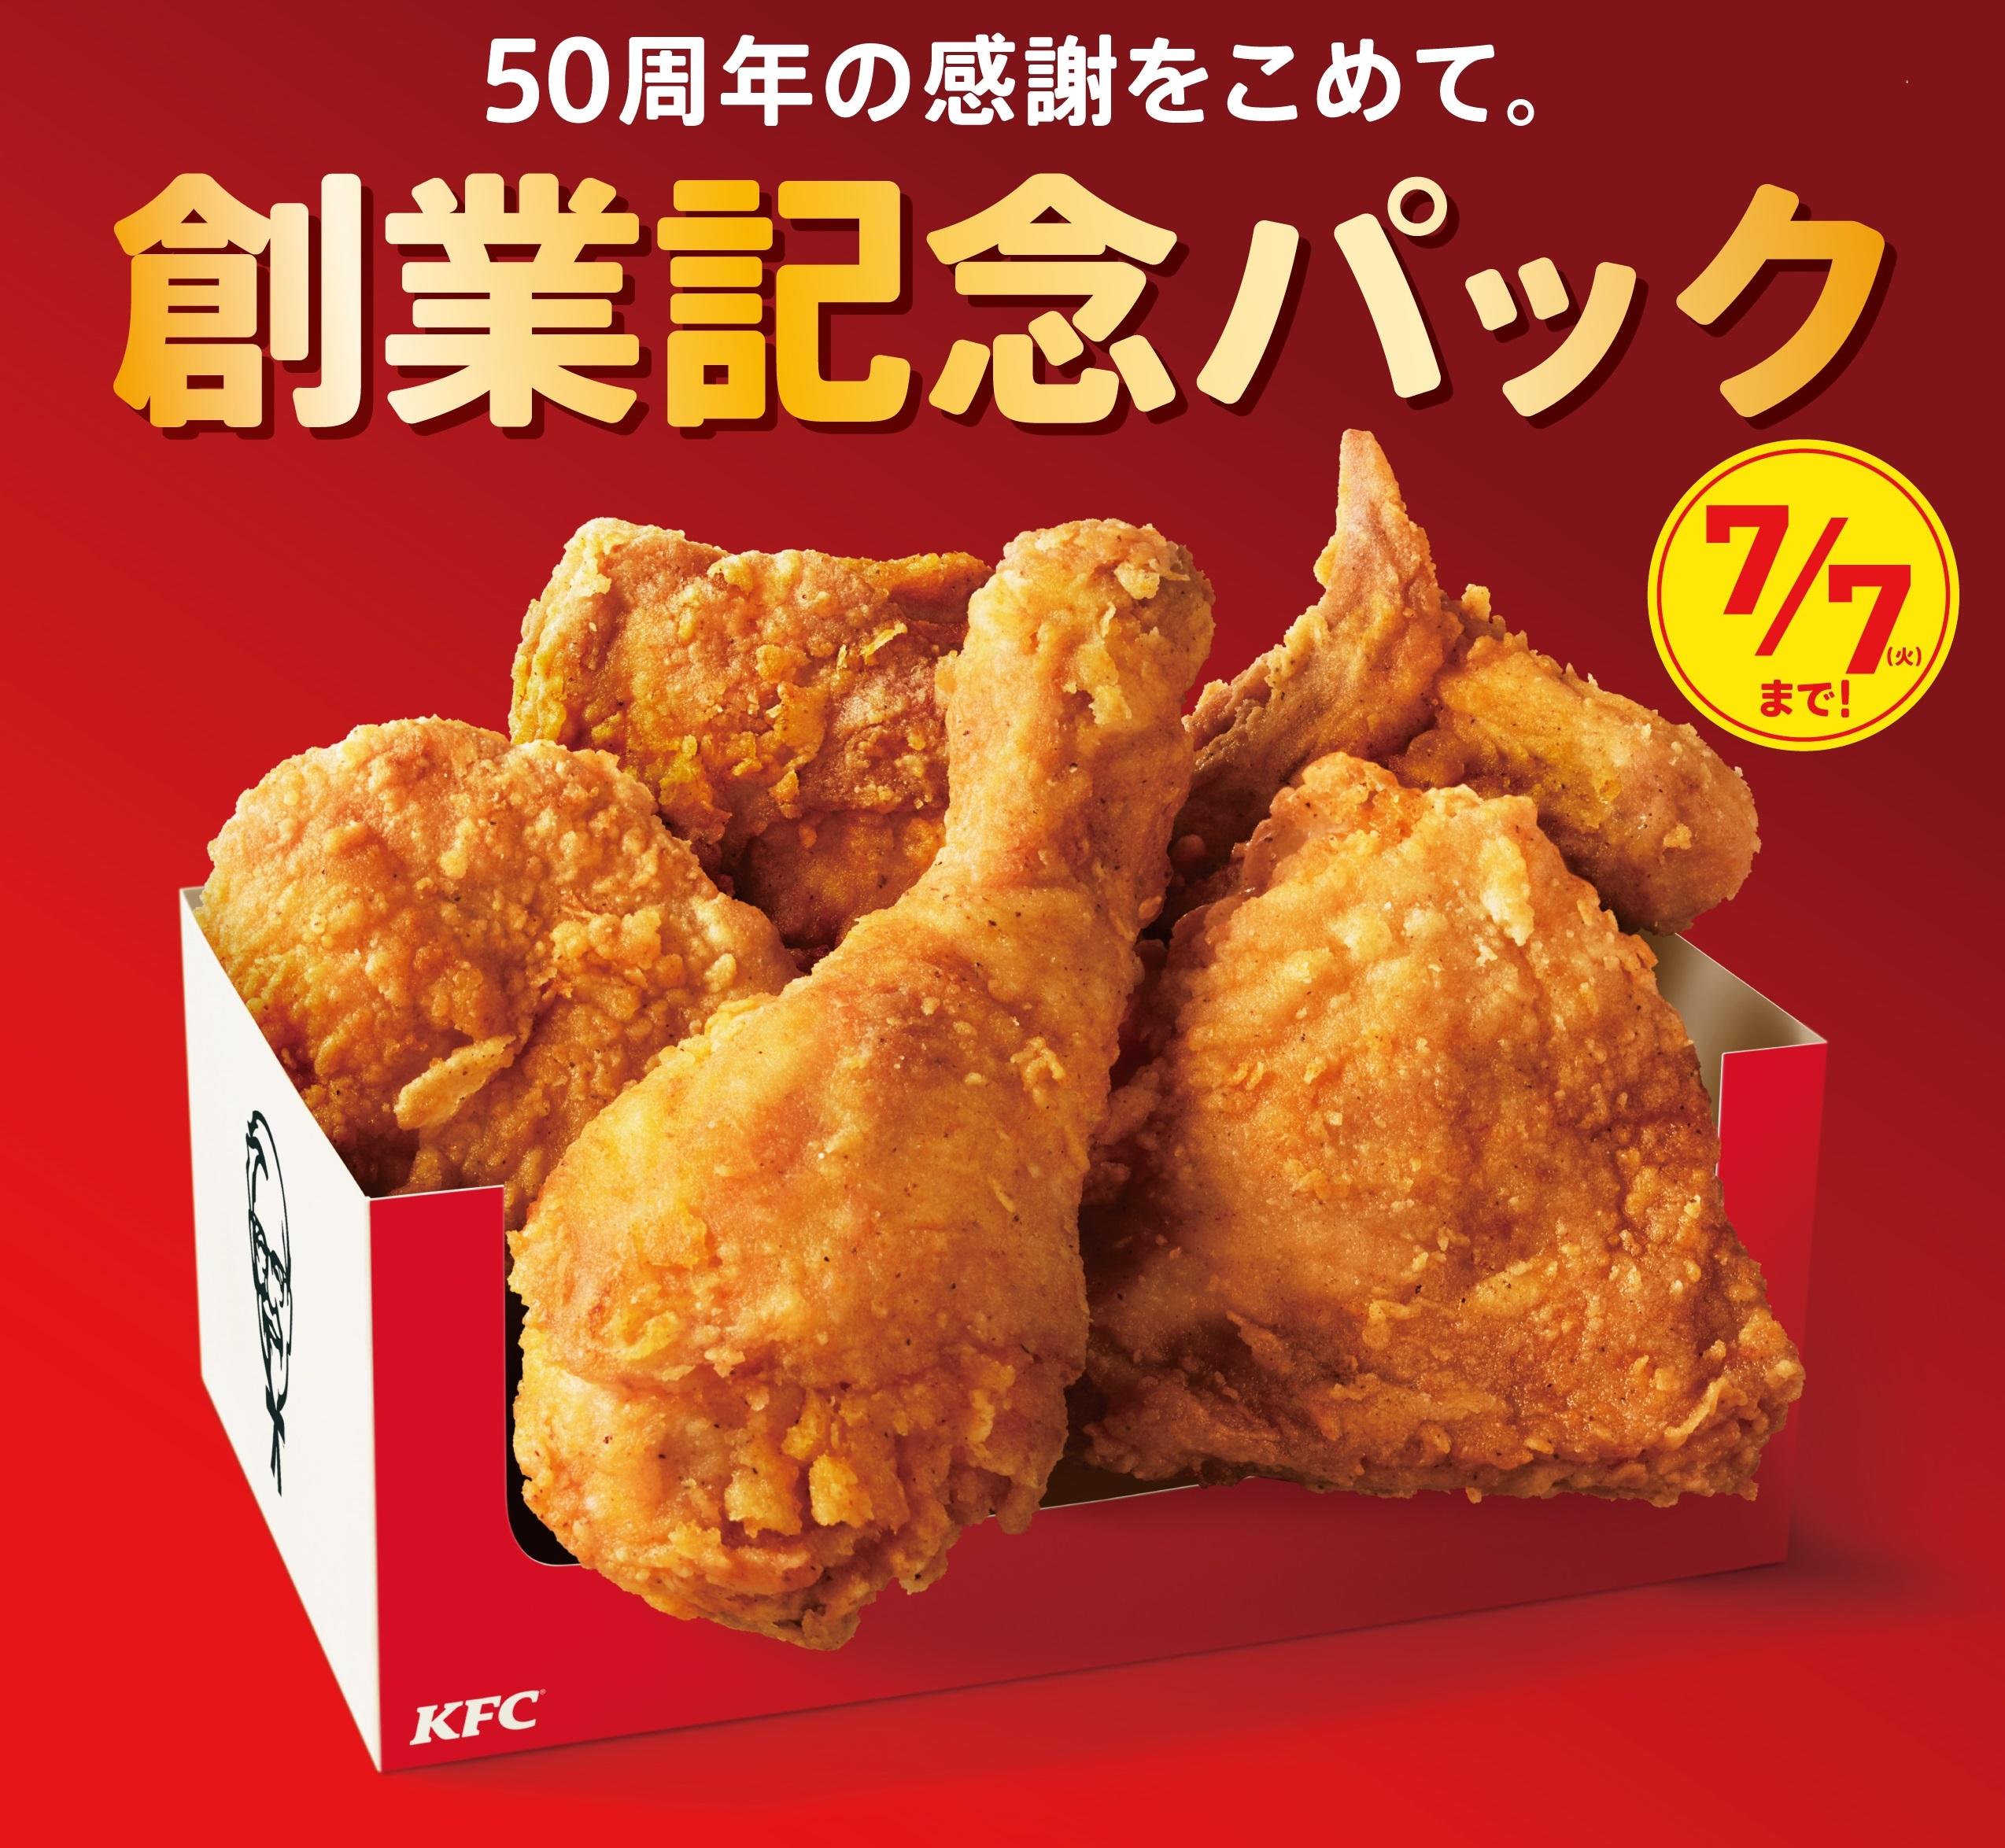 スペシャル パック カーネル 残念過ぎるKFC 税込1,000円のカーネル生誕記念企画「カーネルスペシャルパック」予約受付開始日にオトク過ぎて即日終了のお知らせ